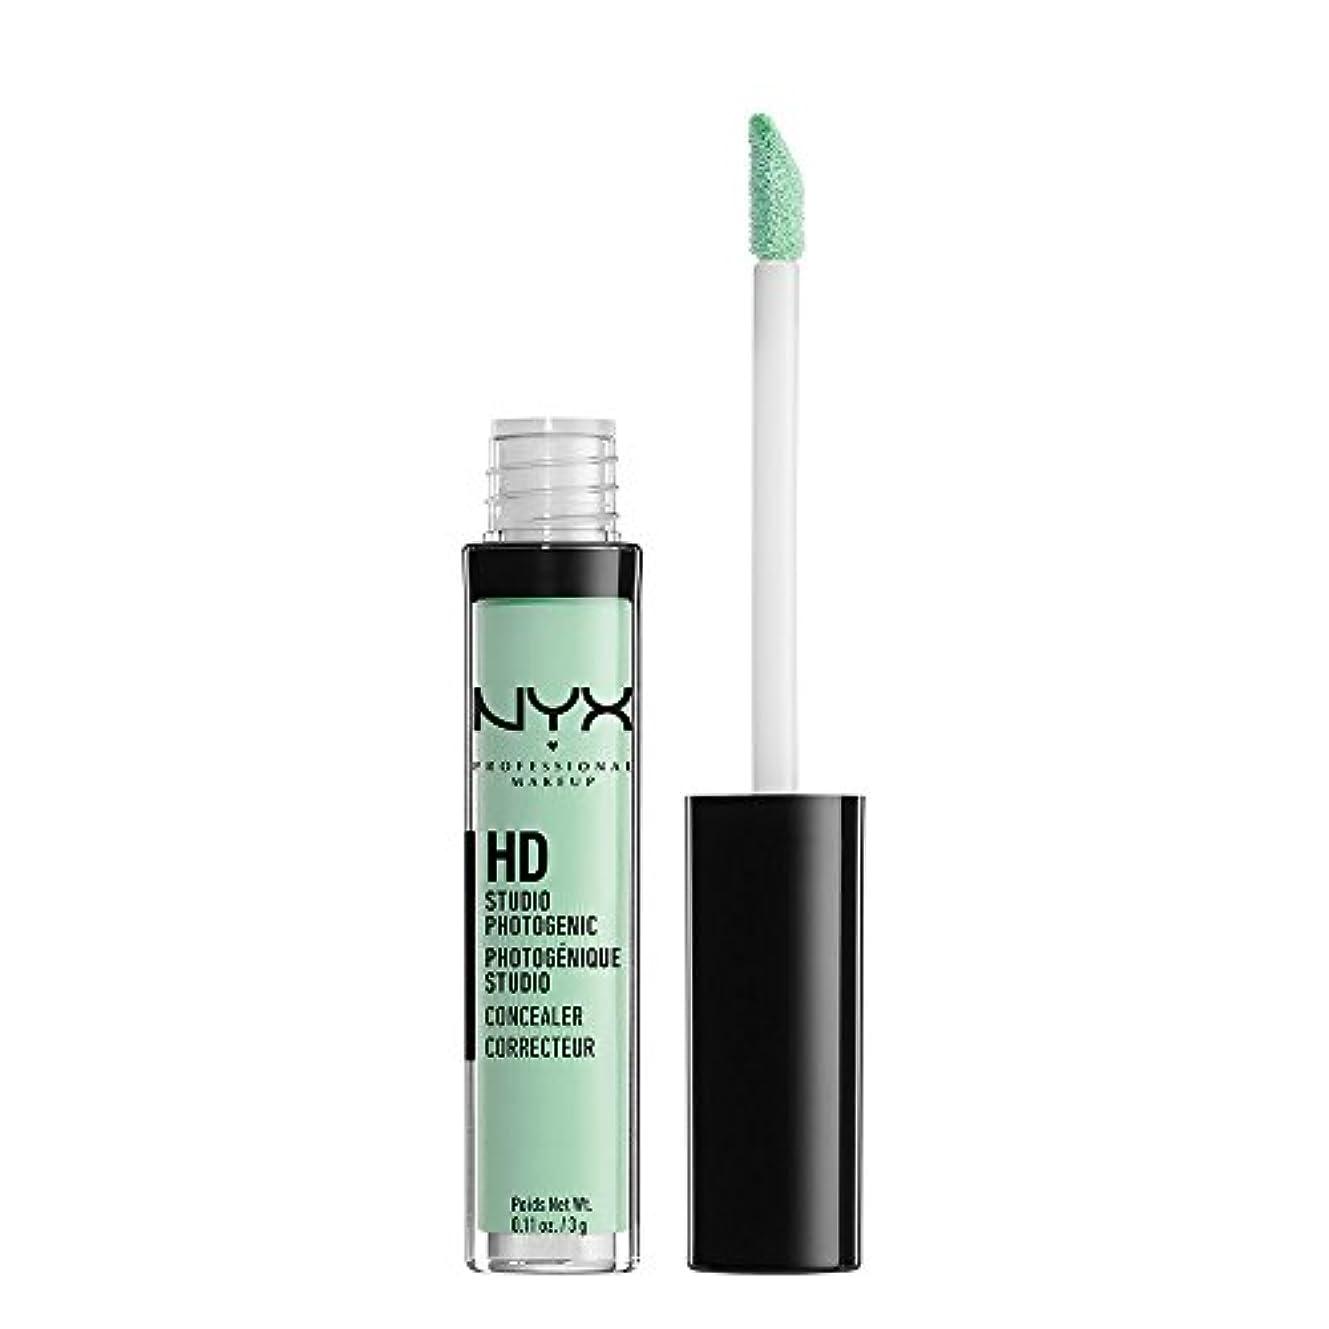 ワイドバルコニー公NYX(ニックス) コンシーラー ワンド 12 カラーグリーン